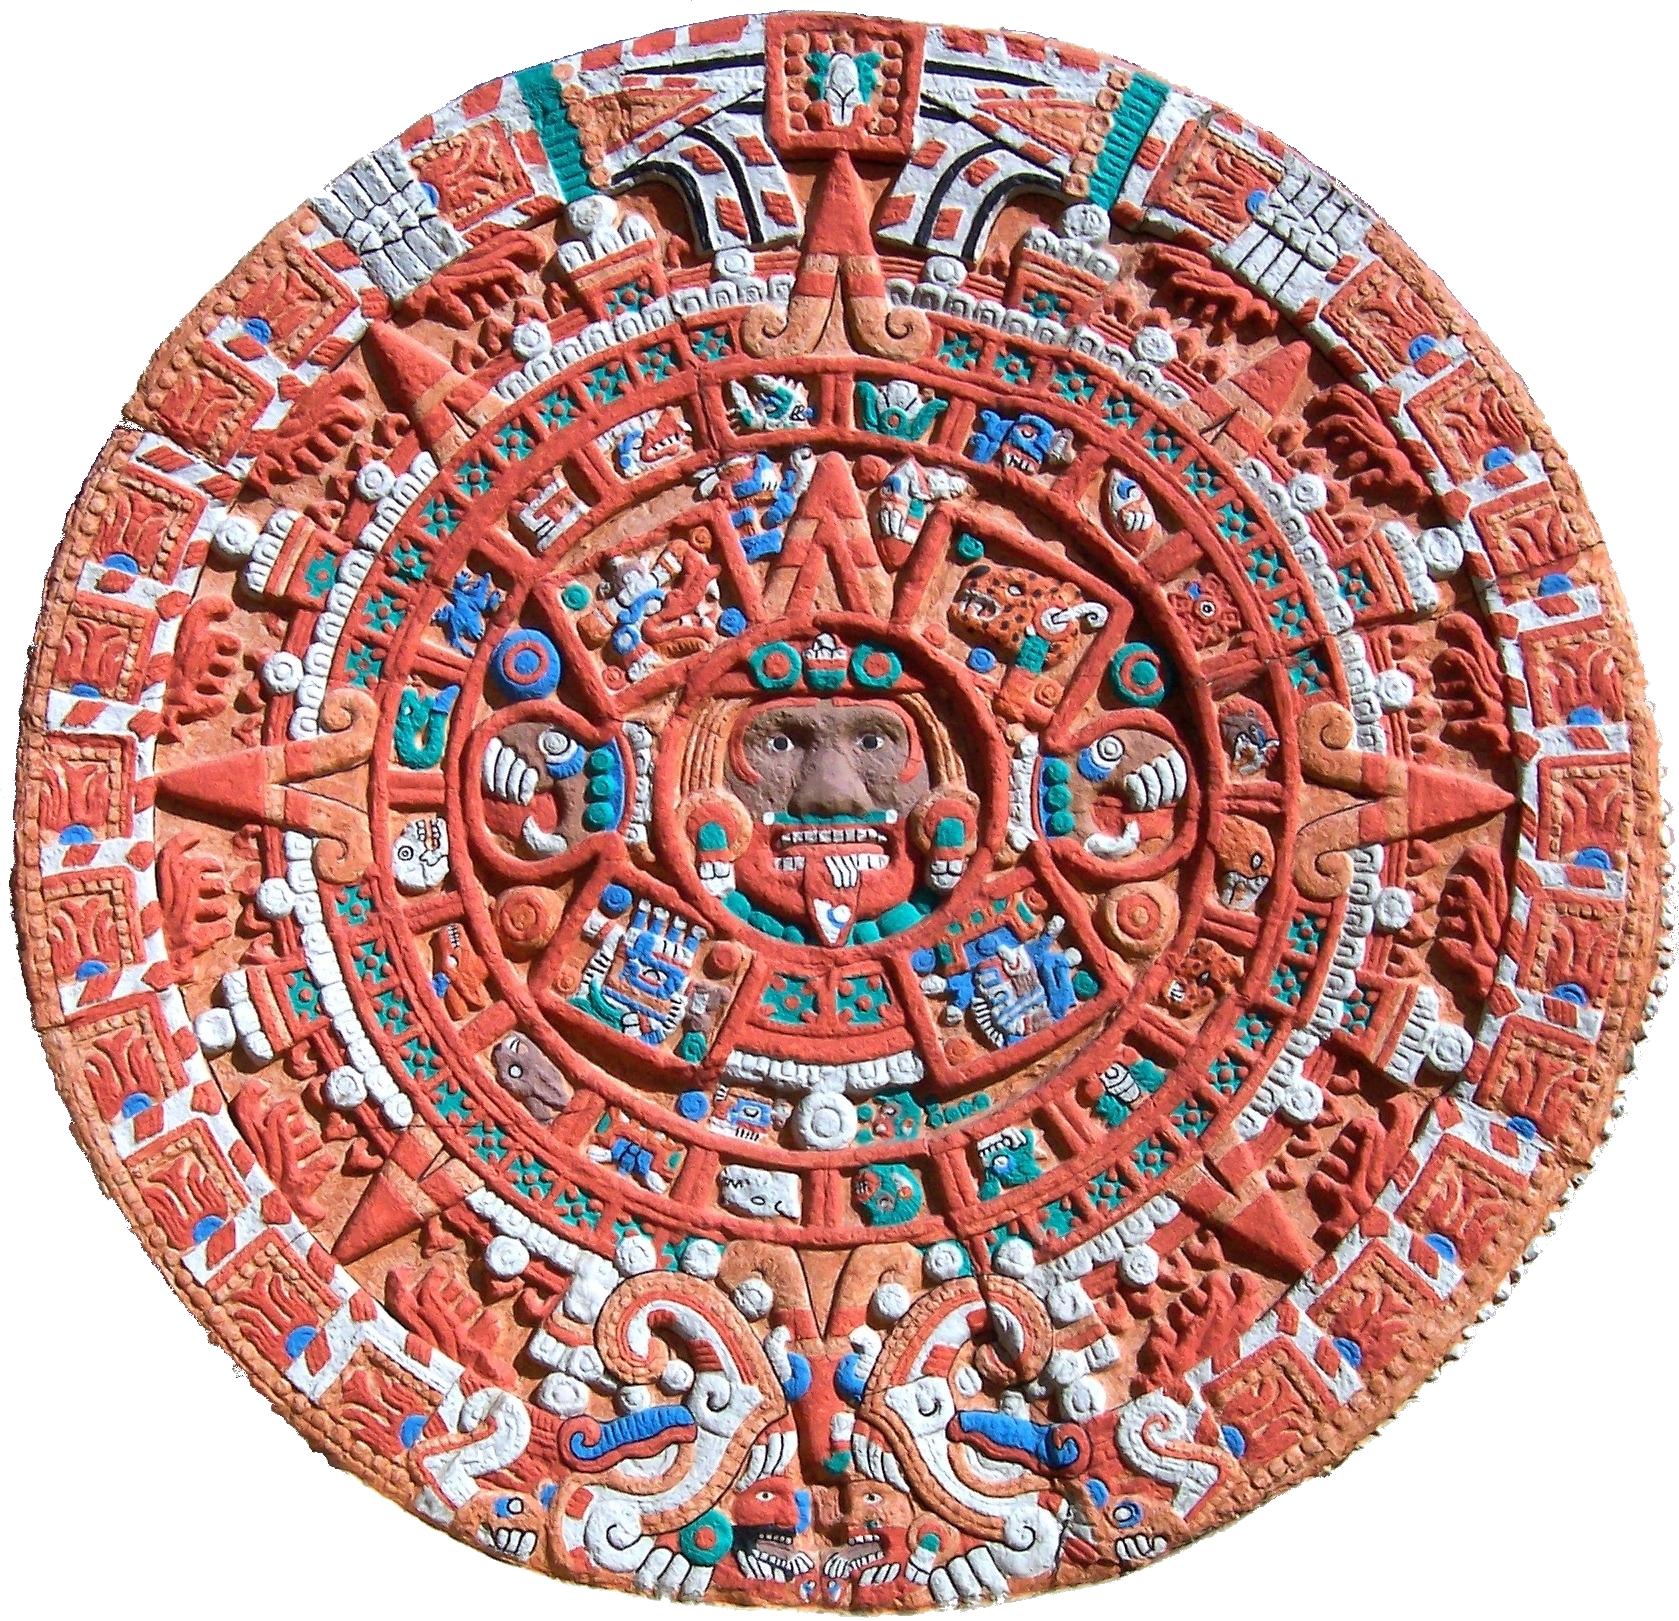 Civ Calendario.File Aztec Sun Stone Replica Cropped Jpg Wikimedia Commons